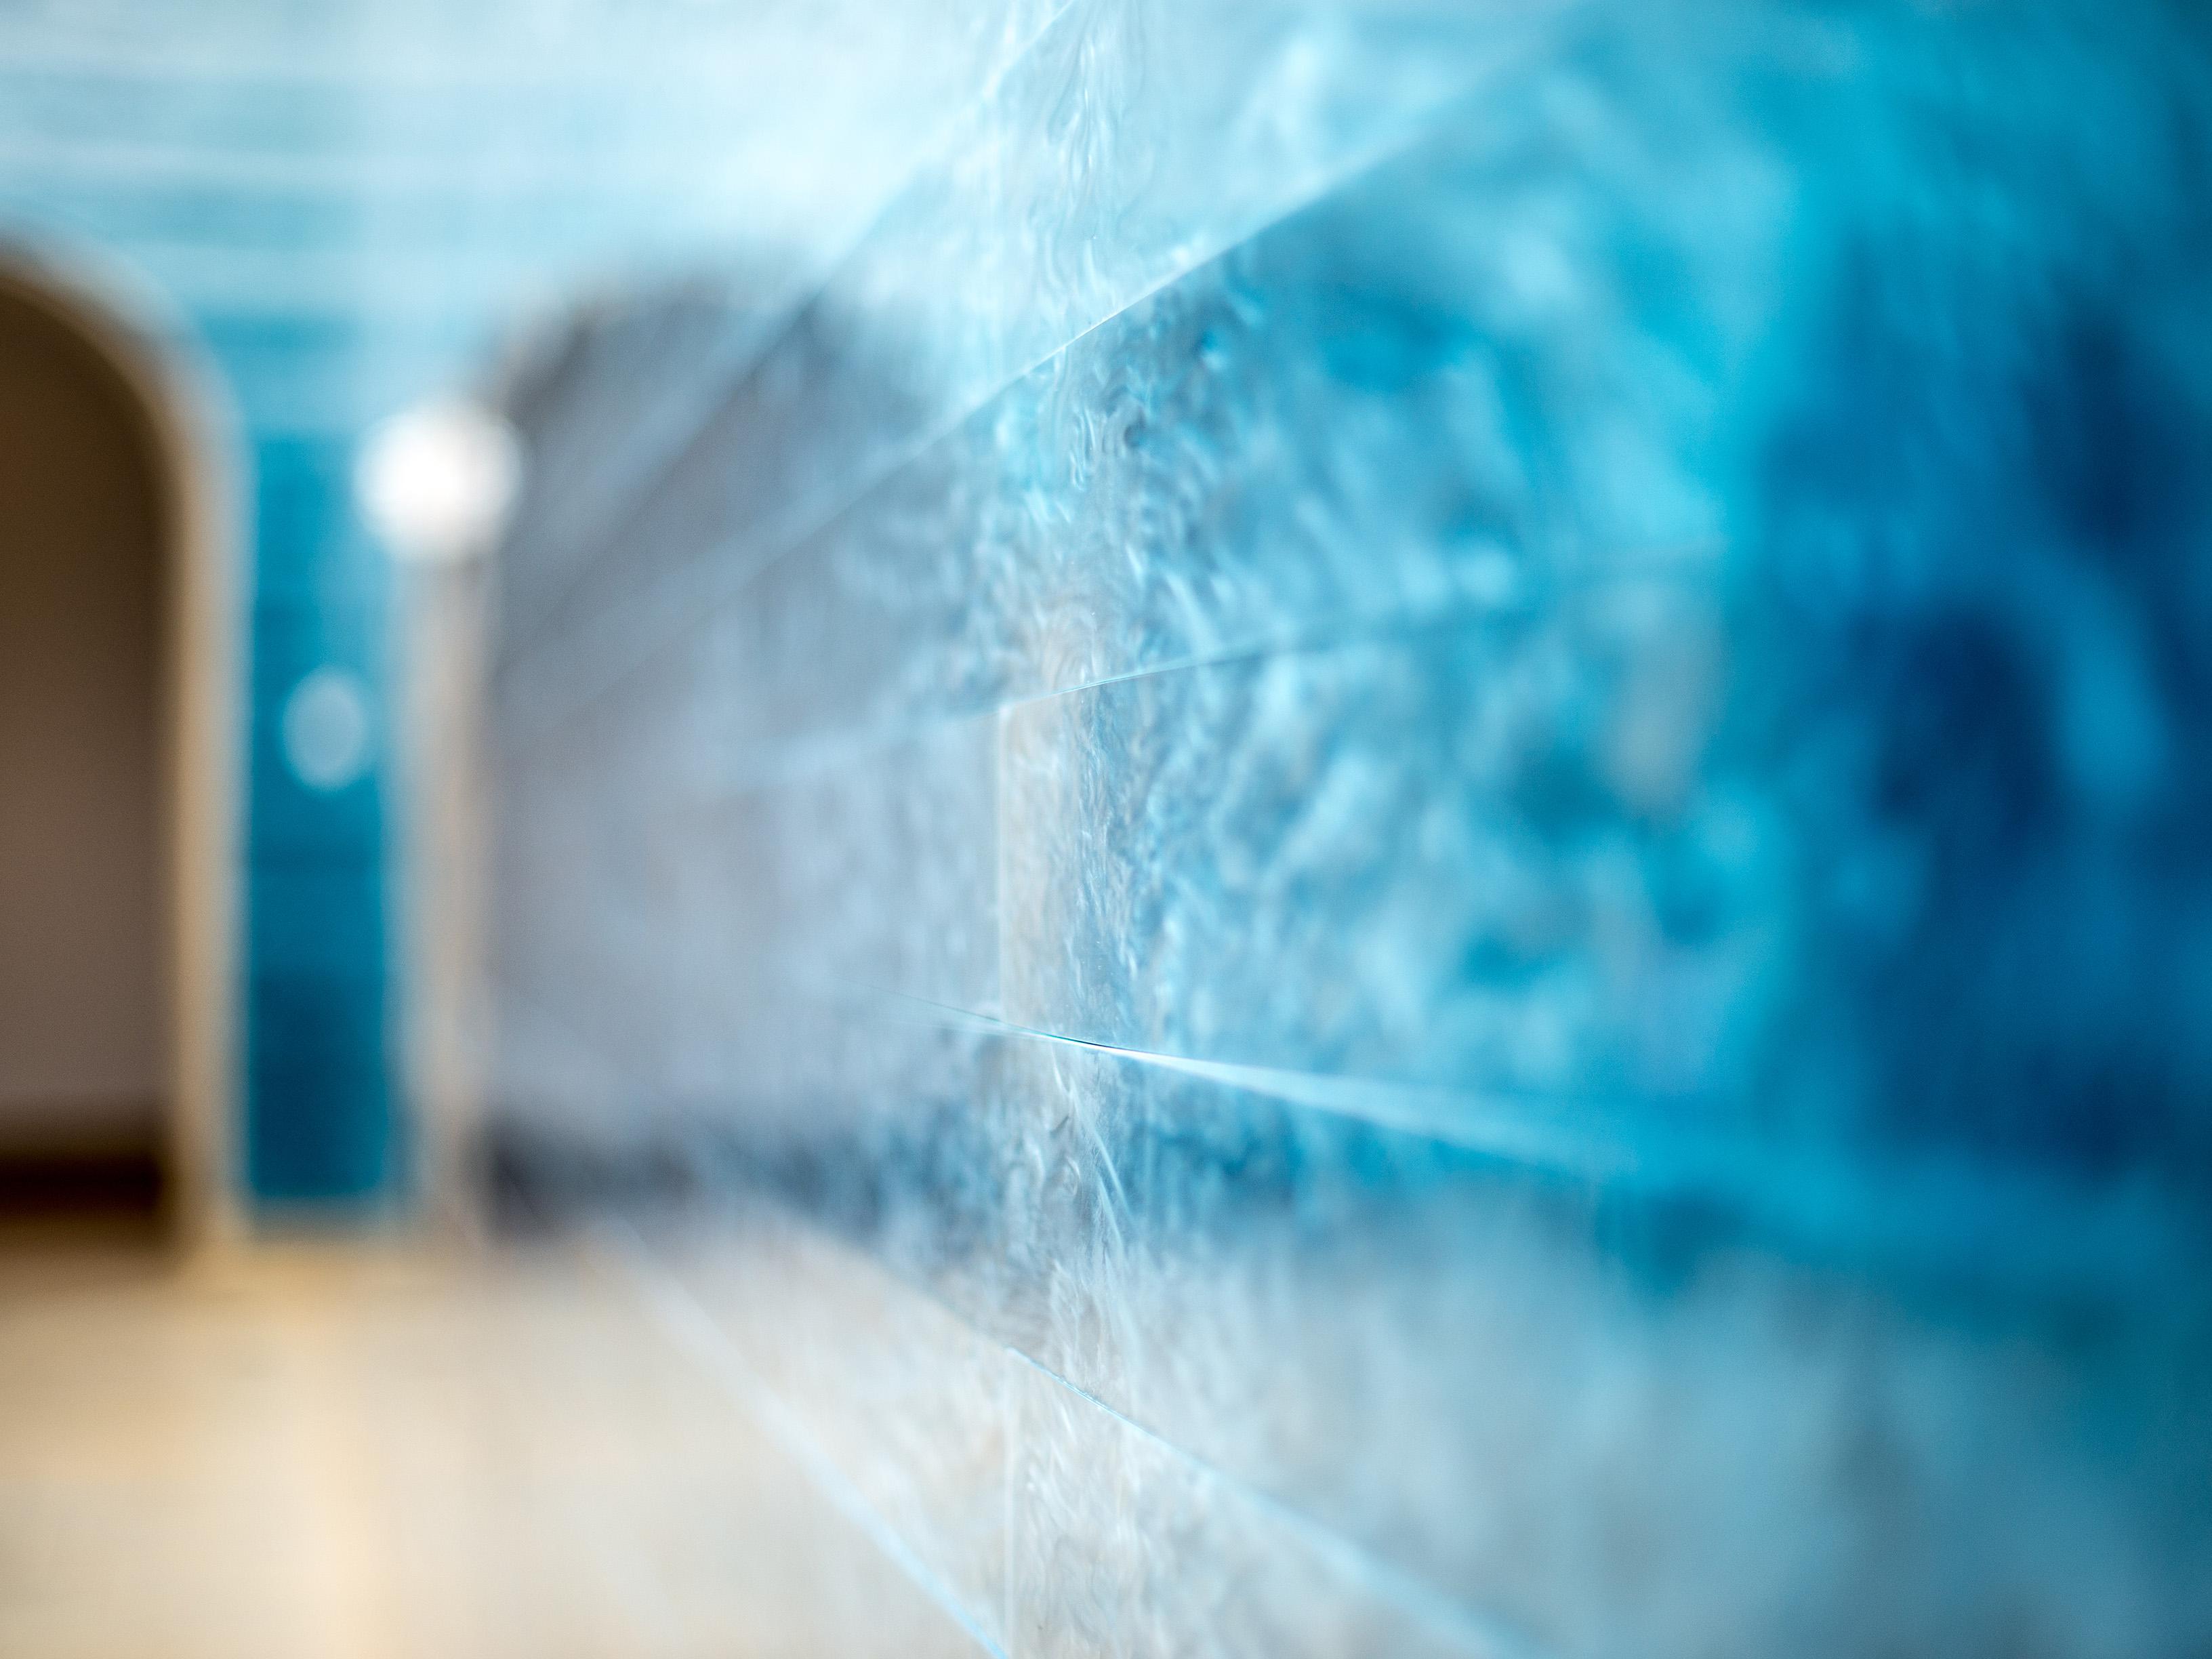 Tunel congelacion